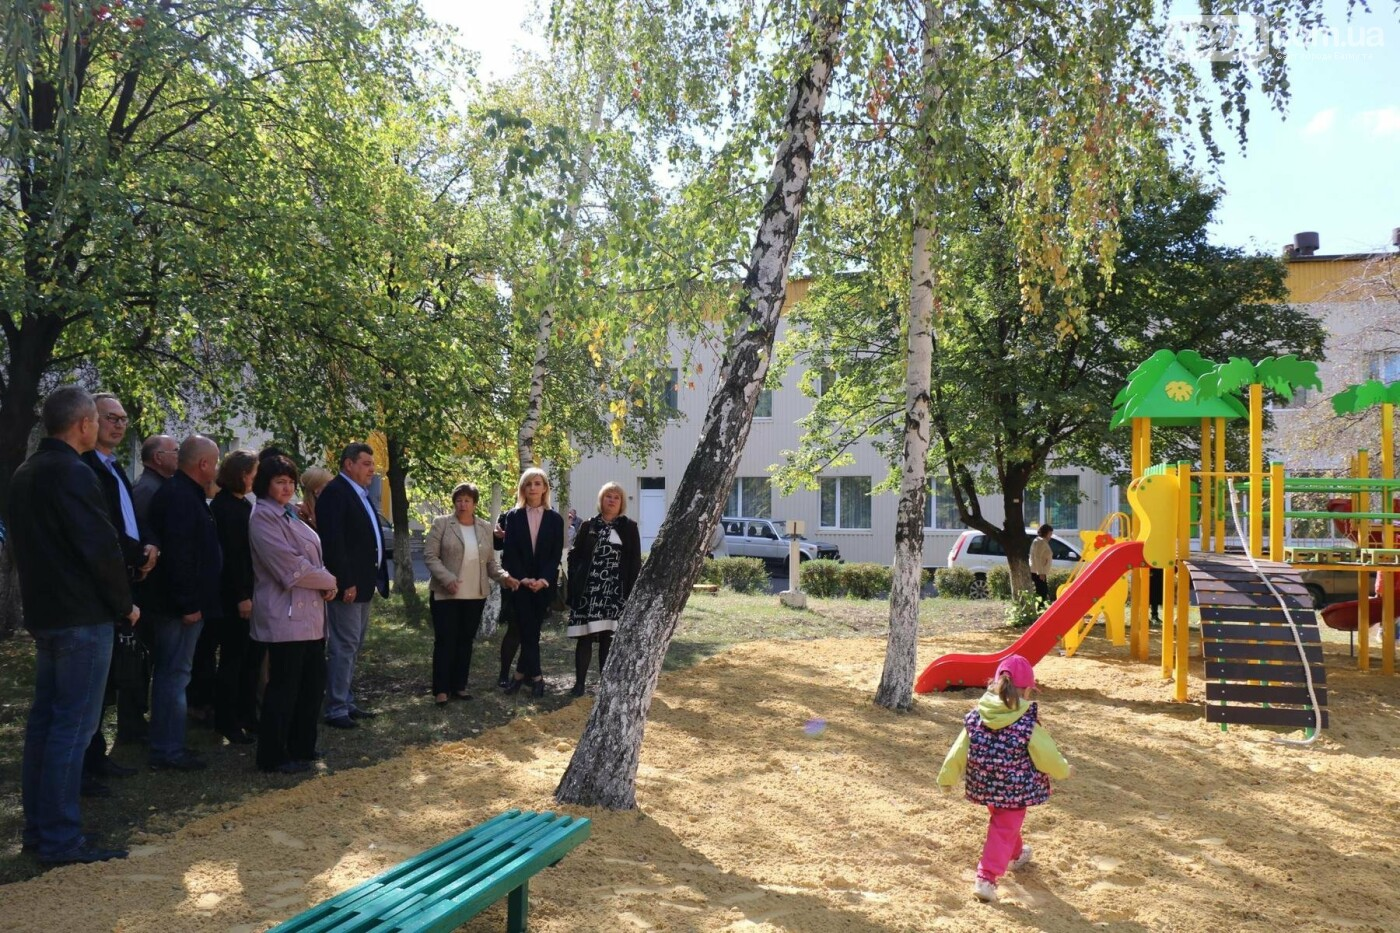 Обновленную детскую площадку открыли в Бахмутской ЦРБ, фото-9